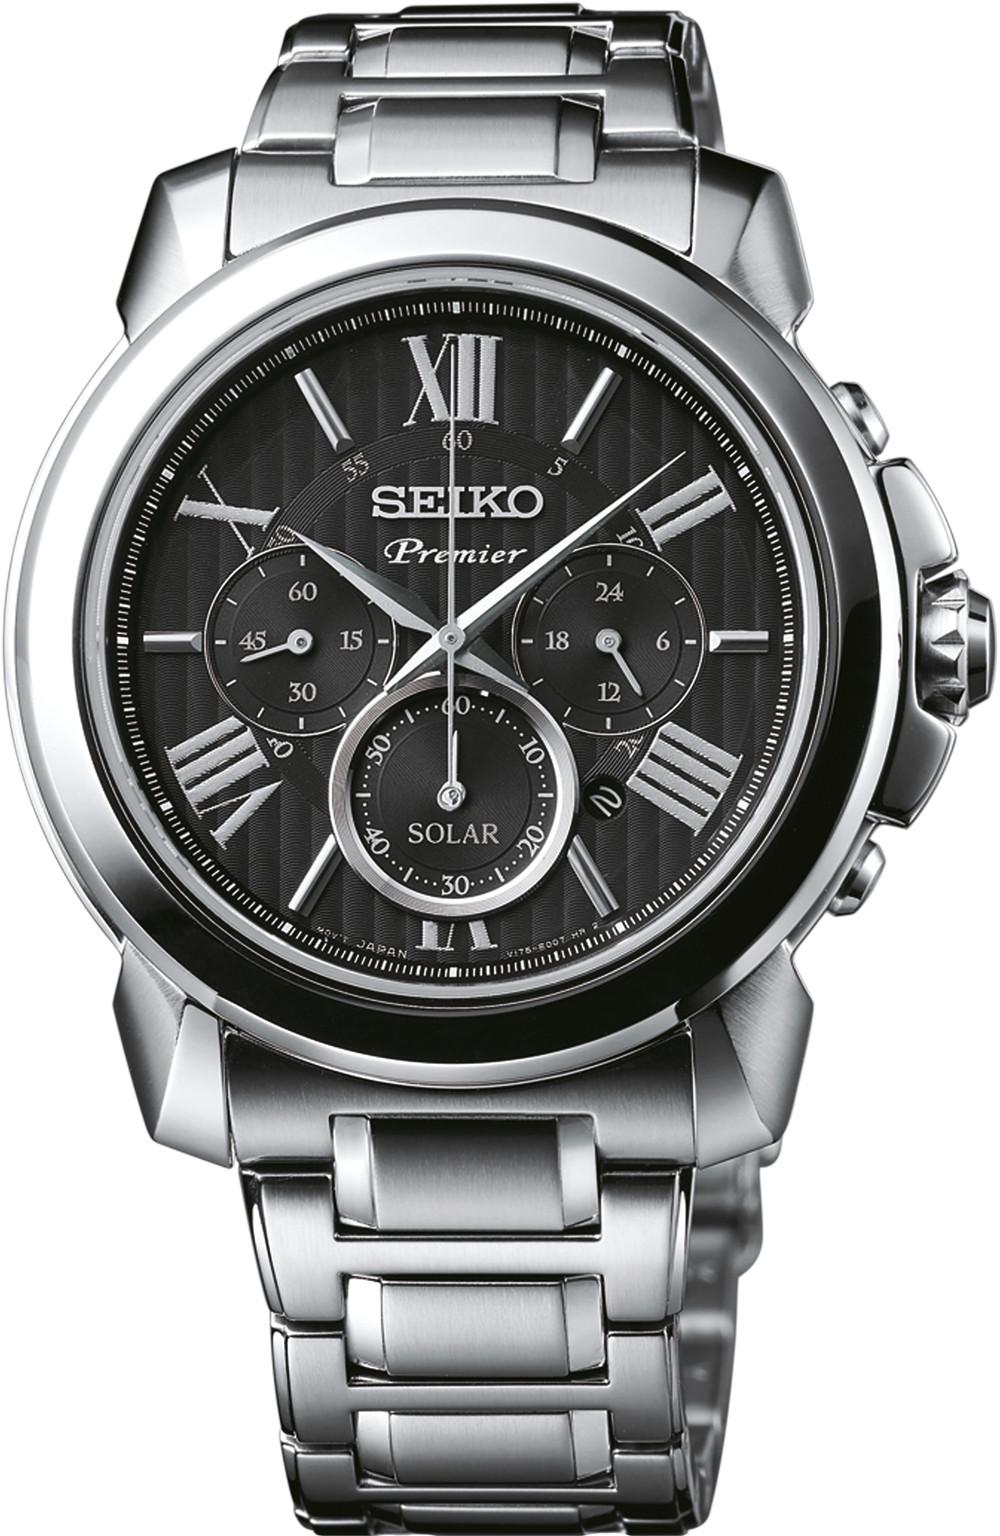 นาฬิกาผู้ชาย Seiko รุ่น SSC597P1, Premier Solar Chronograph